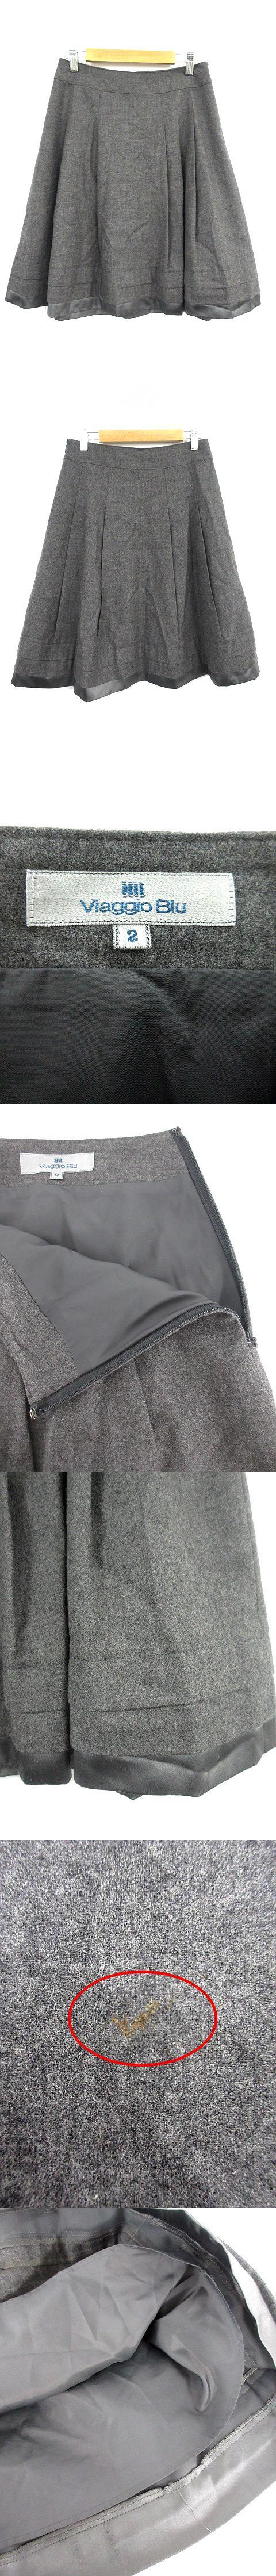 スカート ひざ丈 フレア ティアード ウール ジップファスナー 2 グレー /M2N9